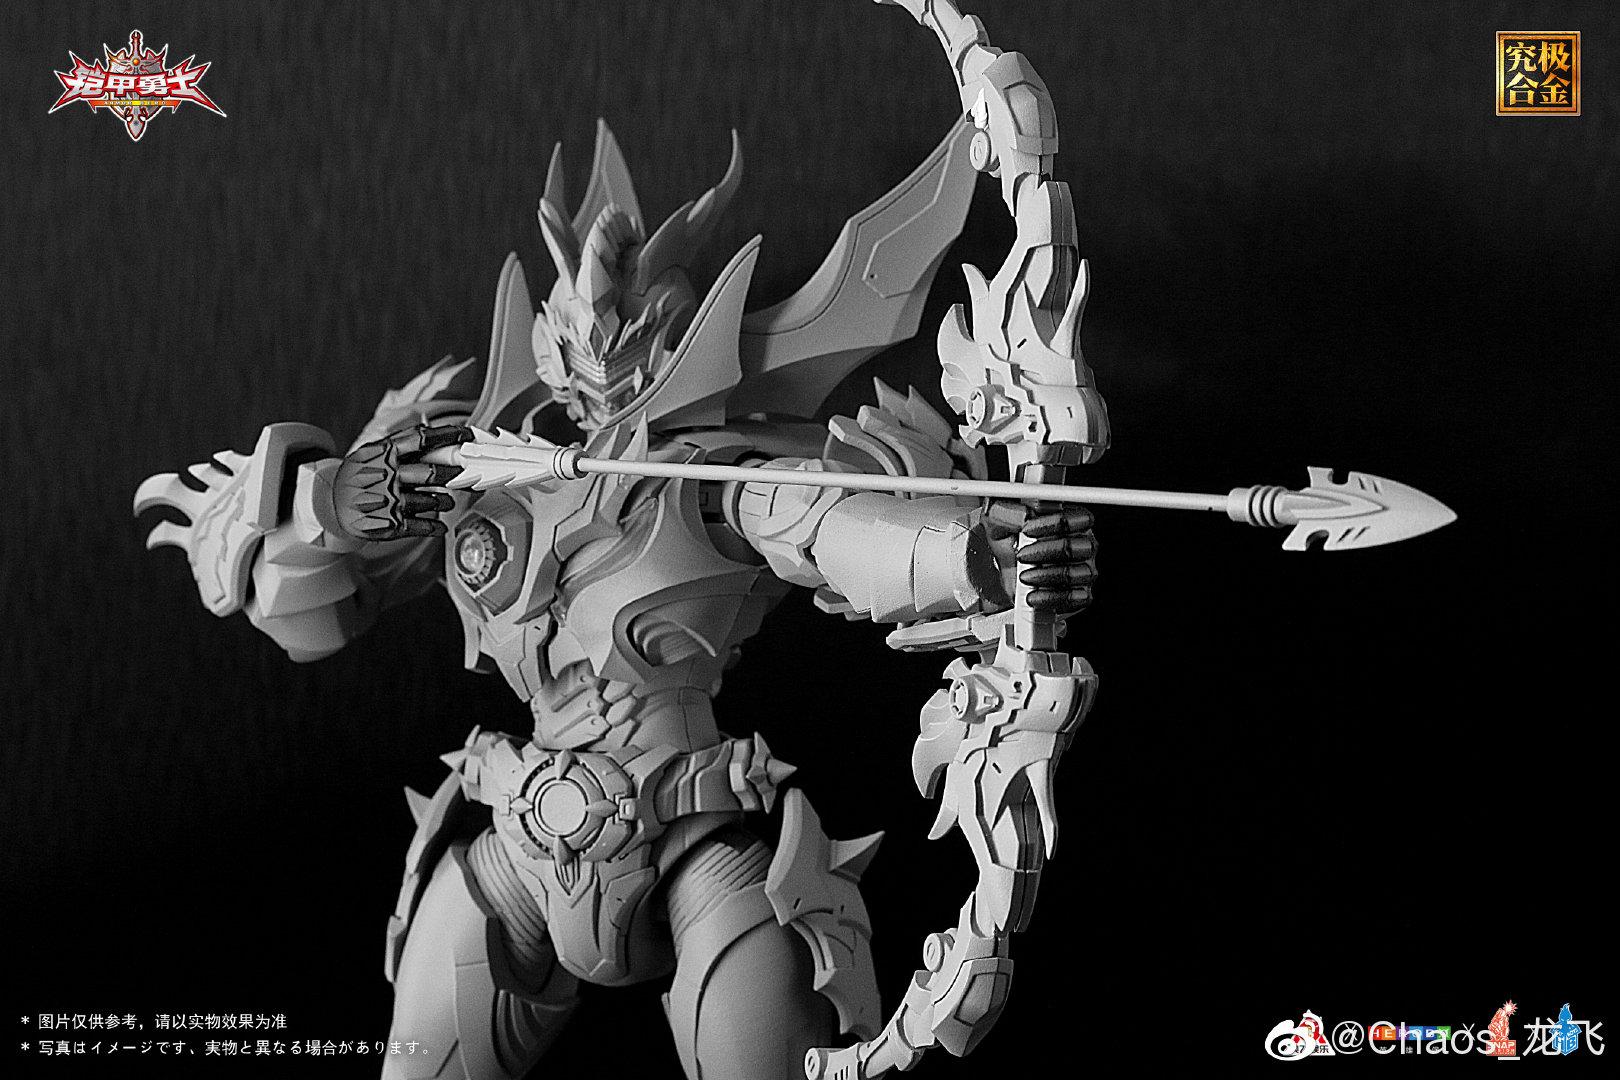 S536_snap_Armor_hero_Emperor_enryu_013.jpg